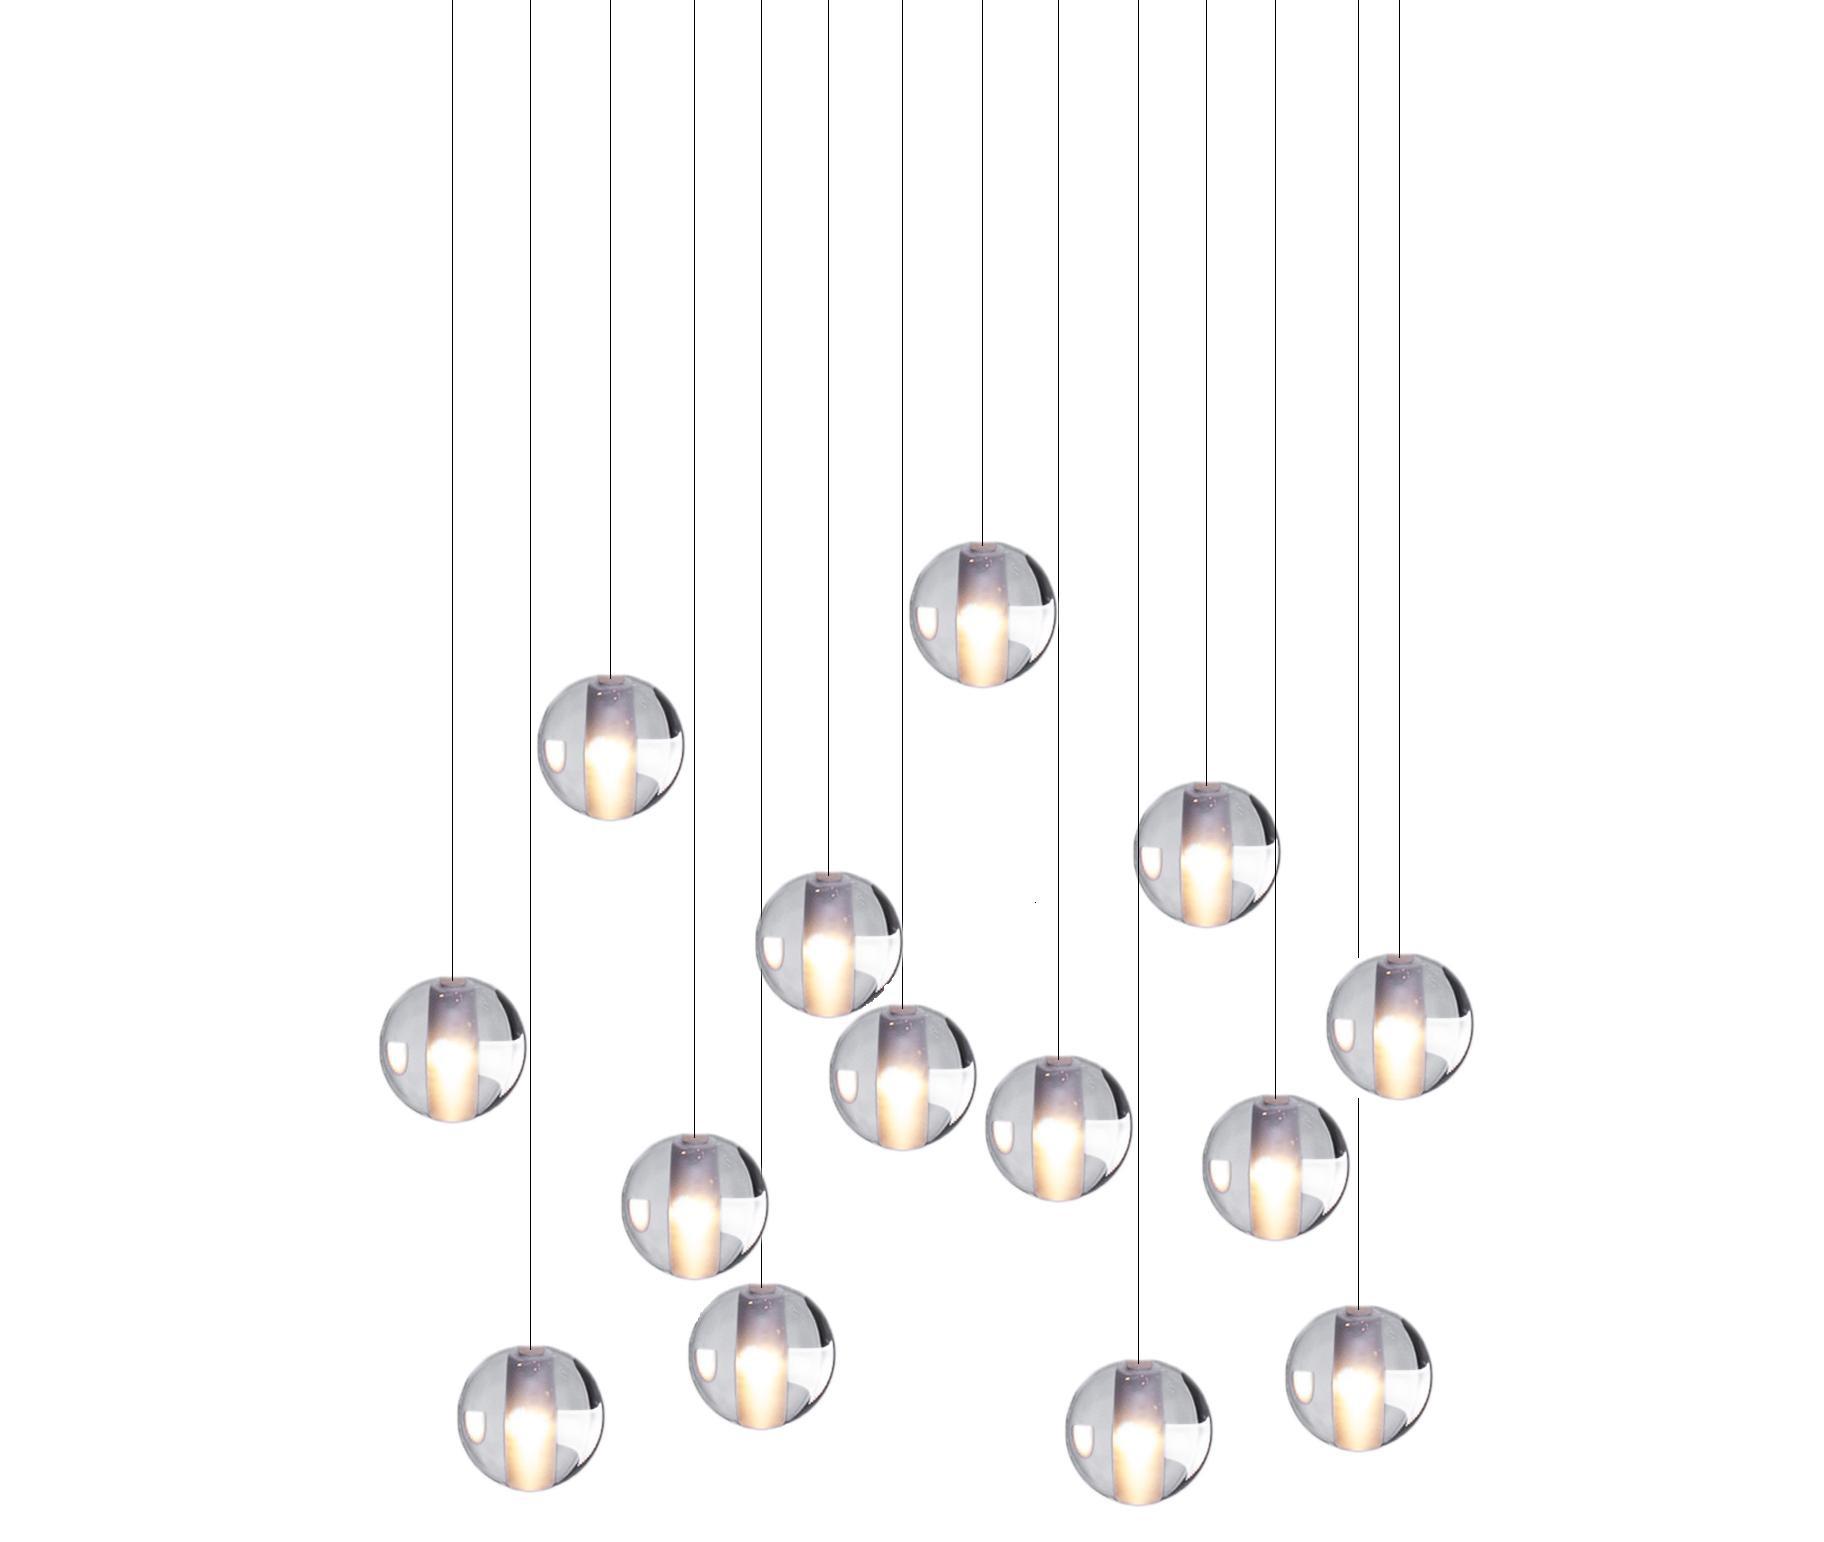 globe lighting led - rbpl14 MHUERHX